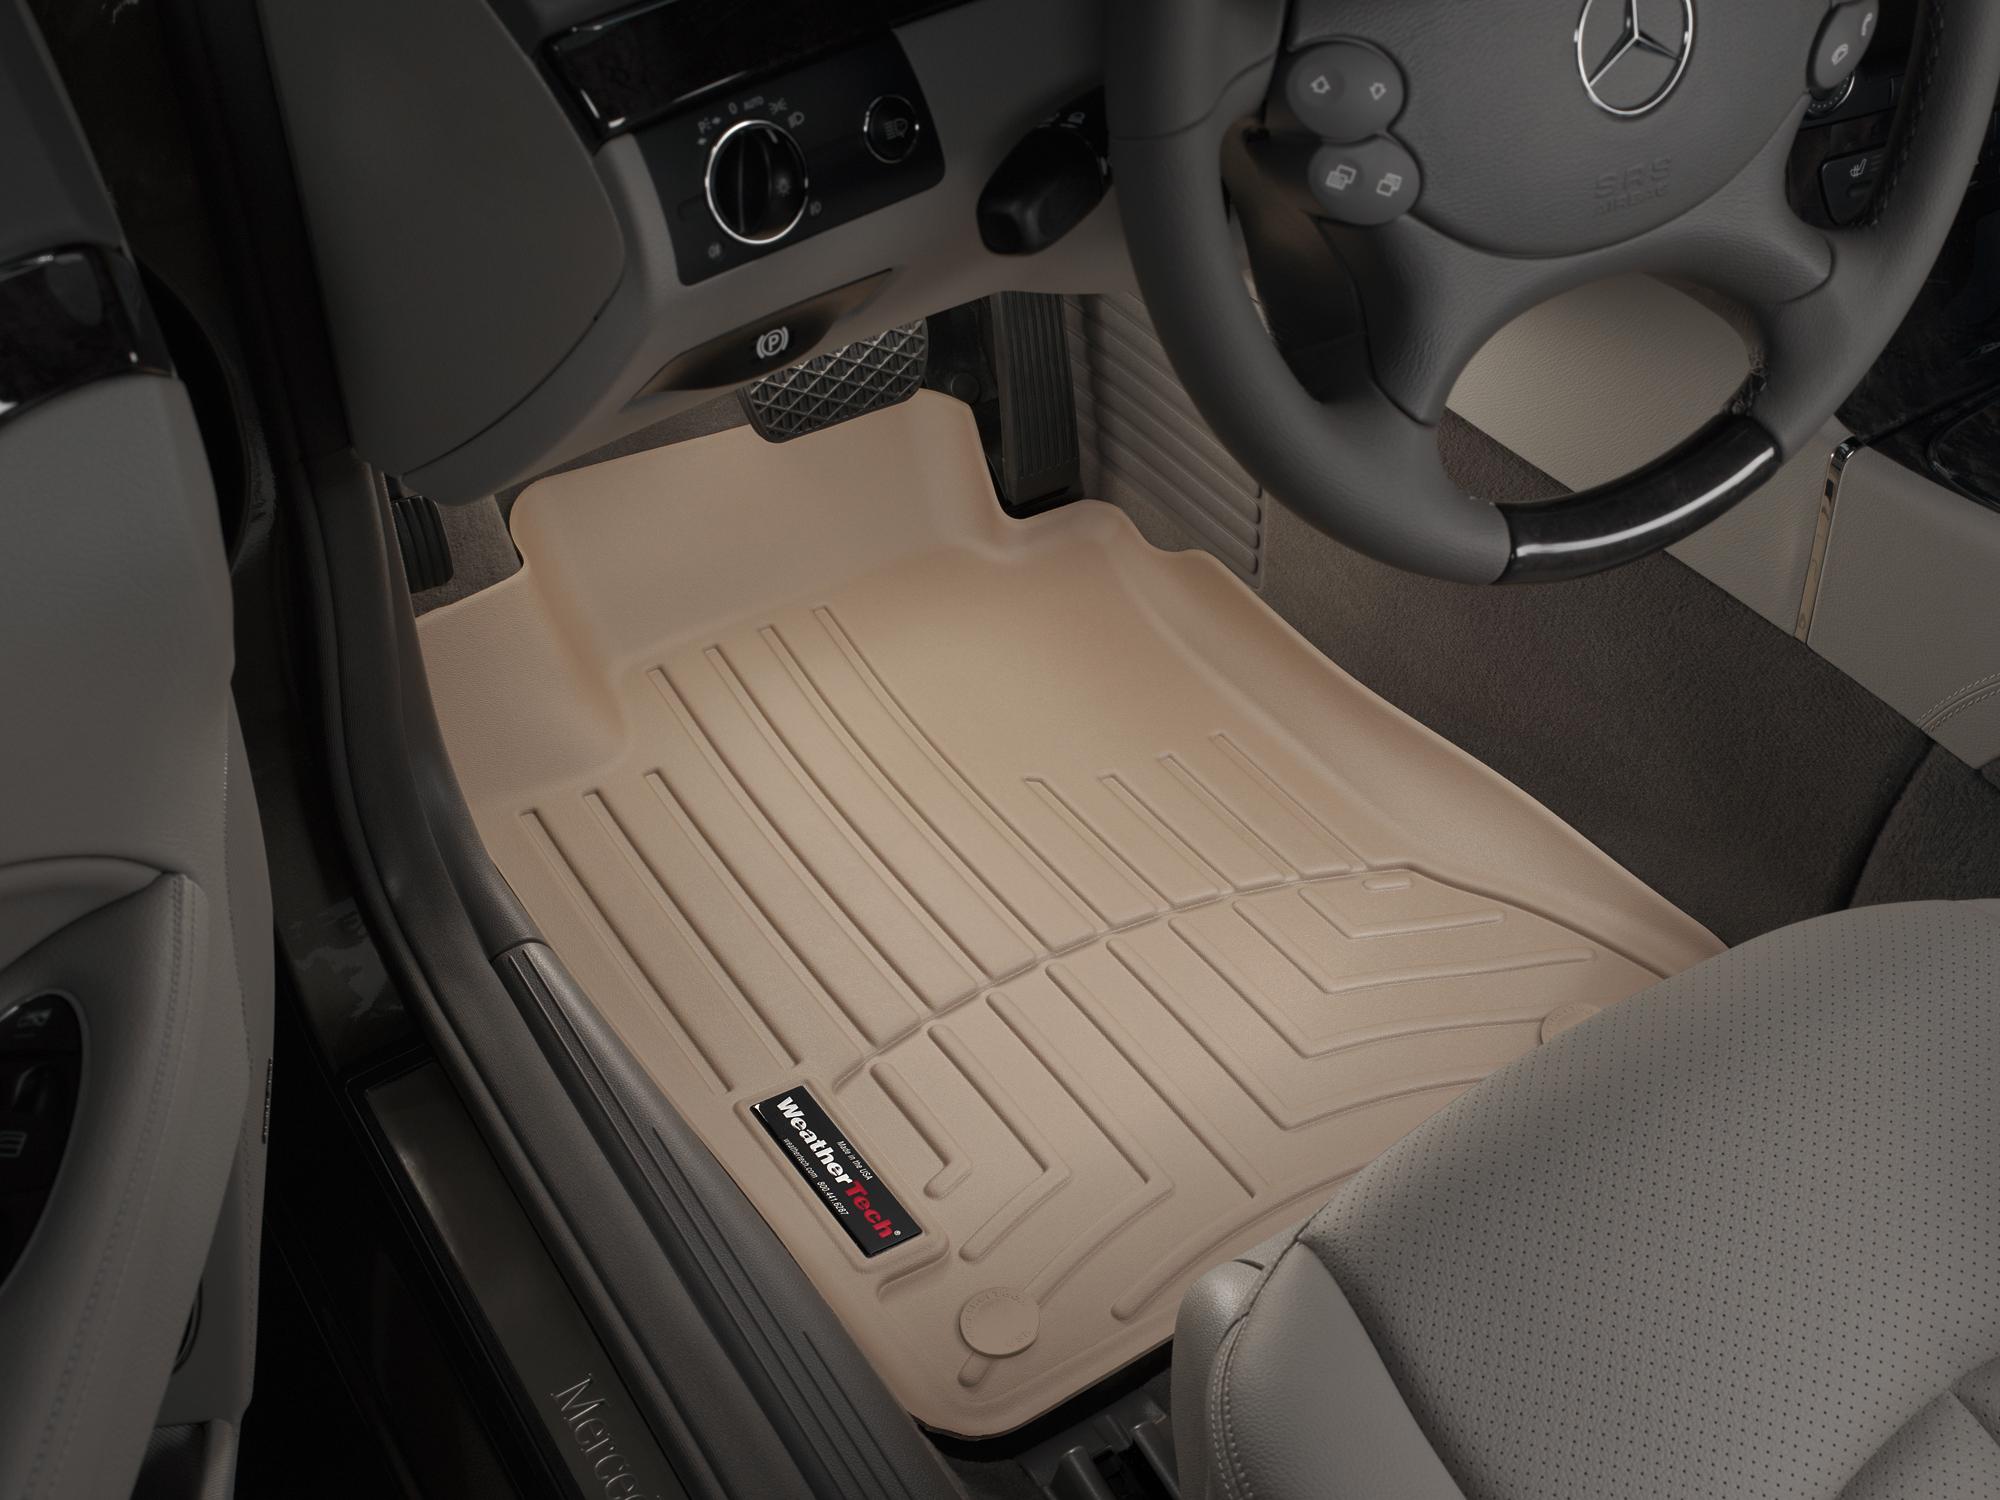 Tappeti gomma su misura bordo alto Mercedes E-Class 03>09 Marrone A2365*